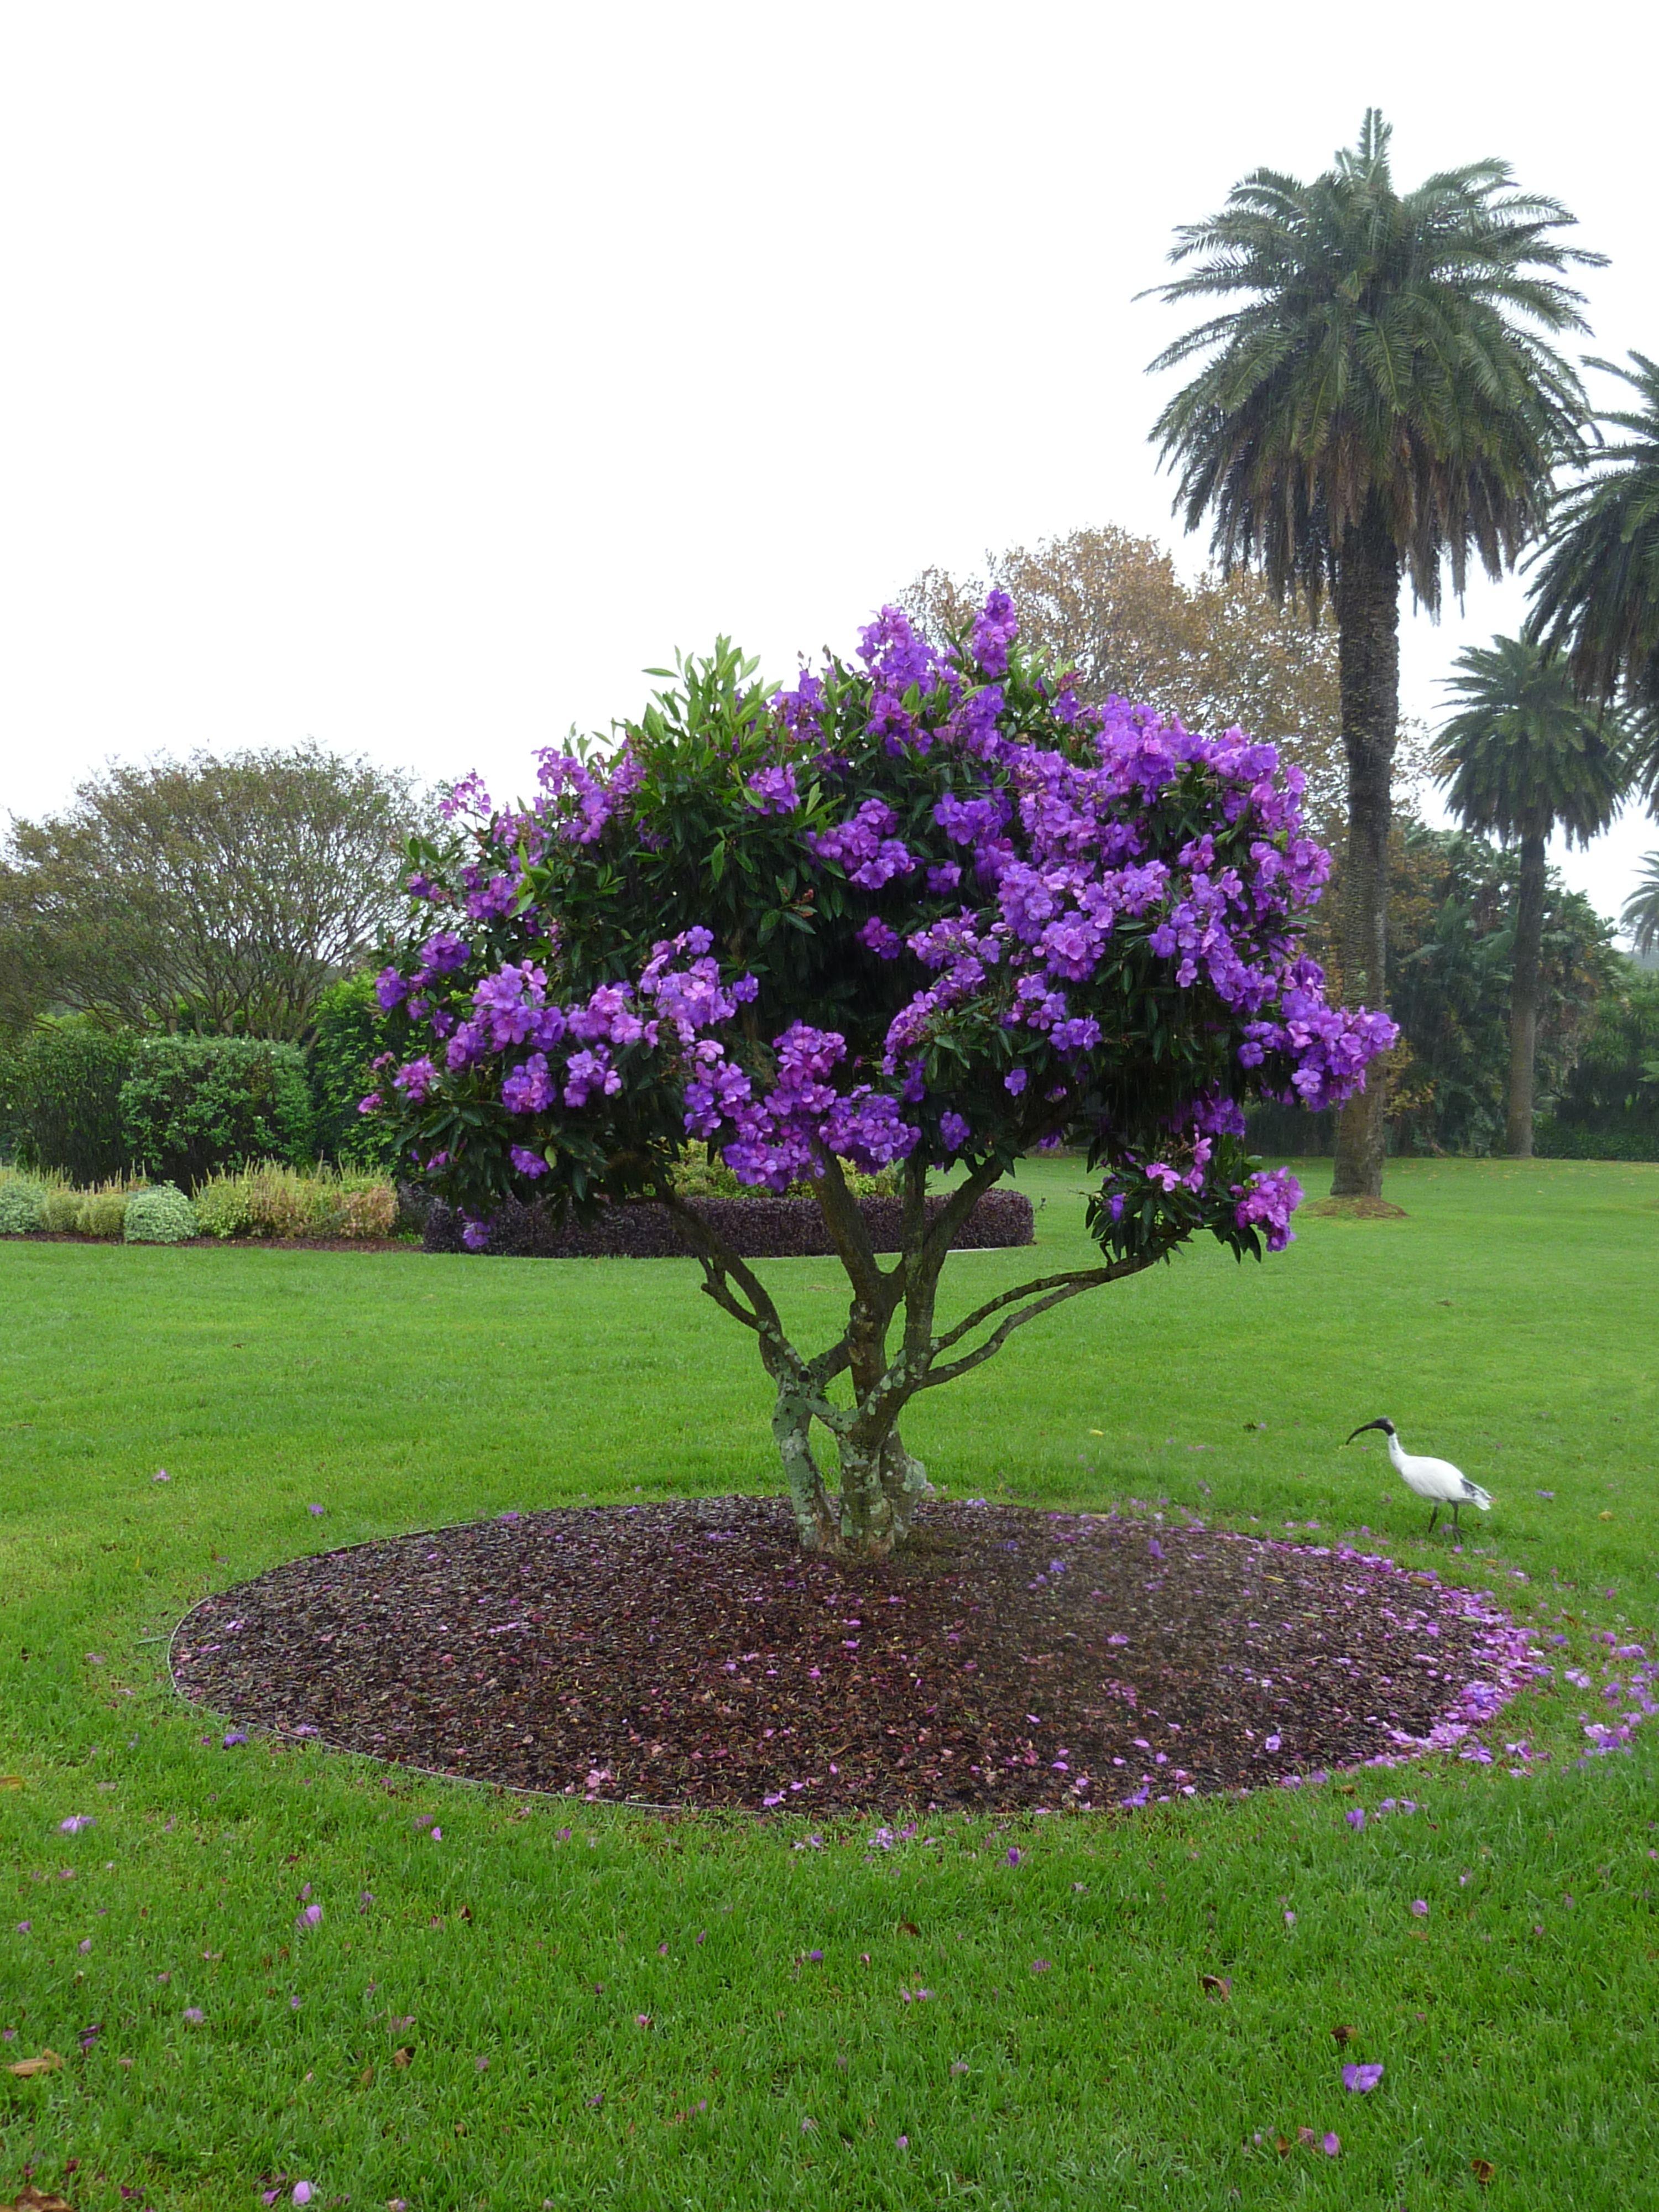 Tibouchina \'Alstonville\' | Garden | Pinterest